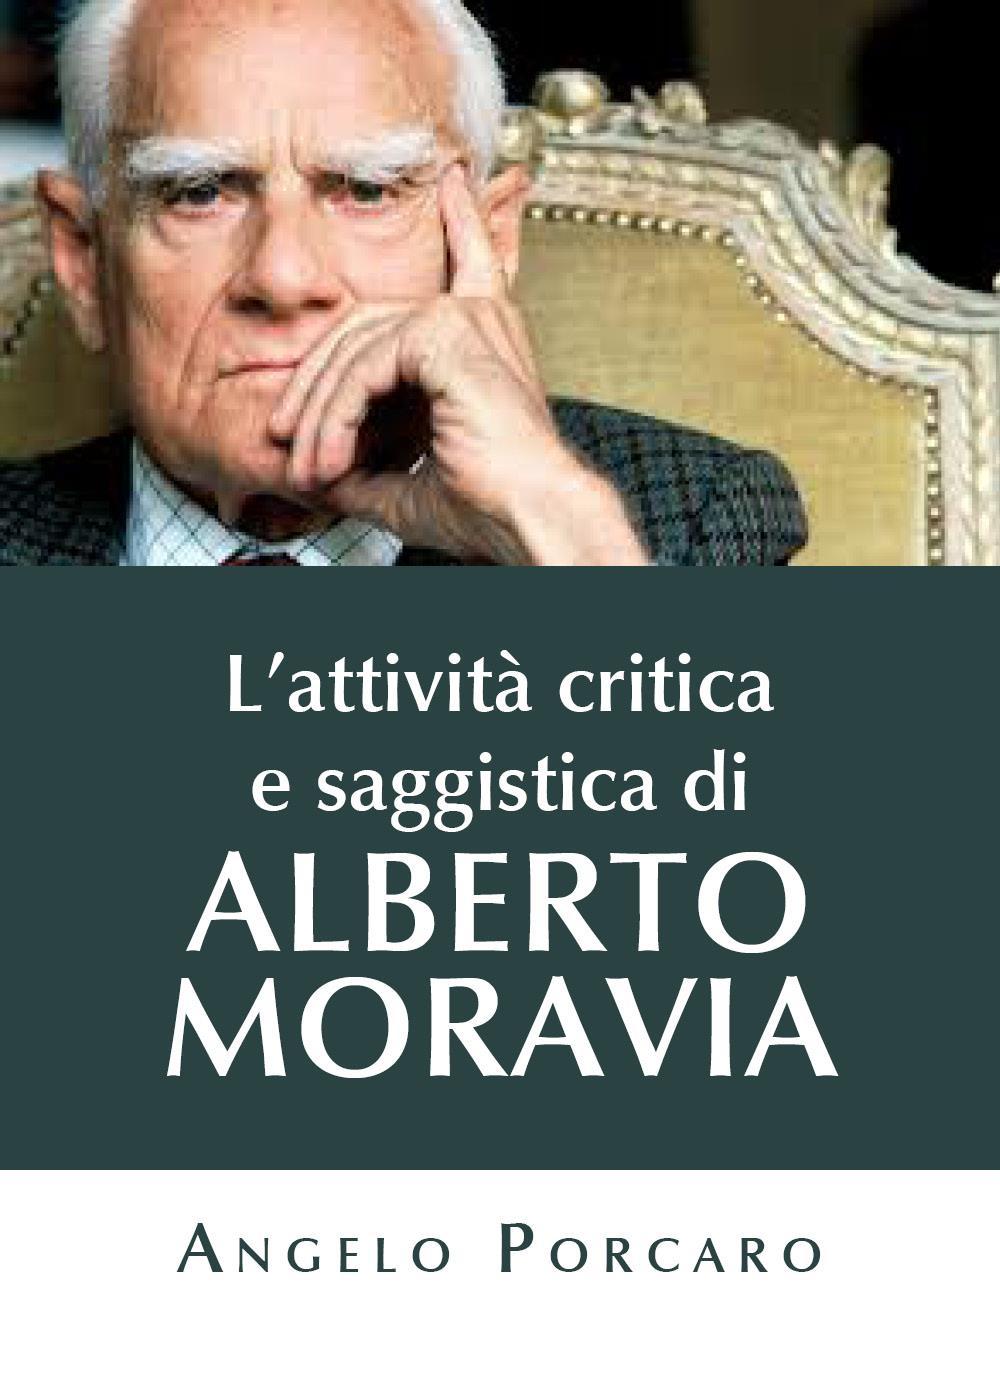 L'attività critica e saggistica di Alberto Moravia